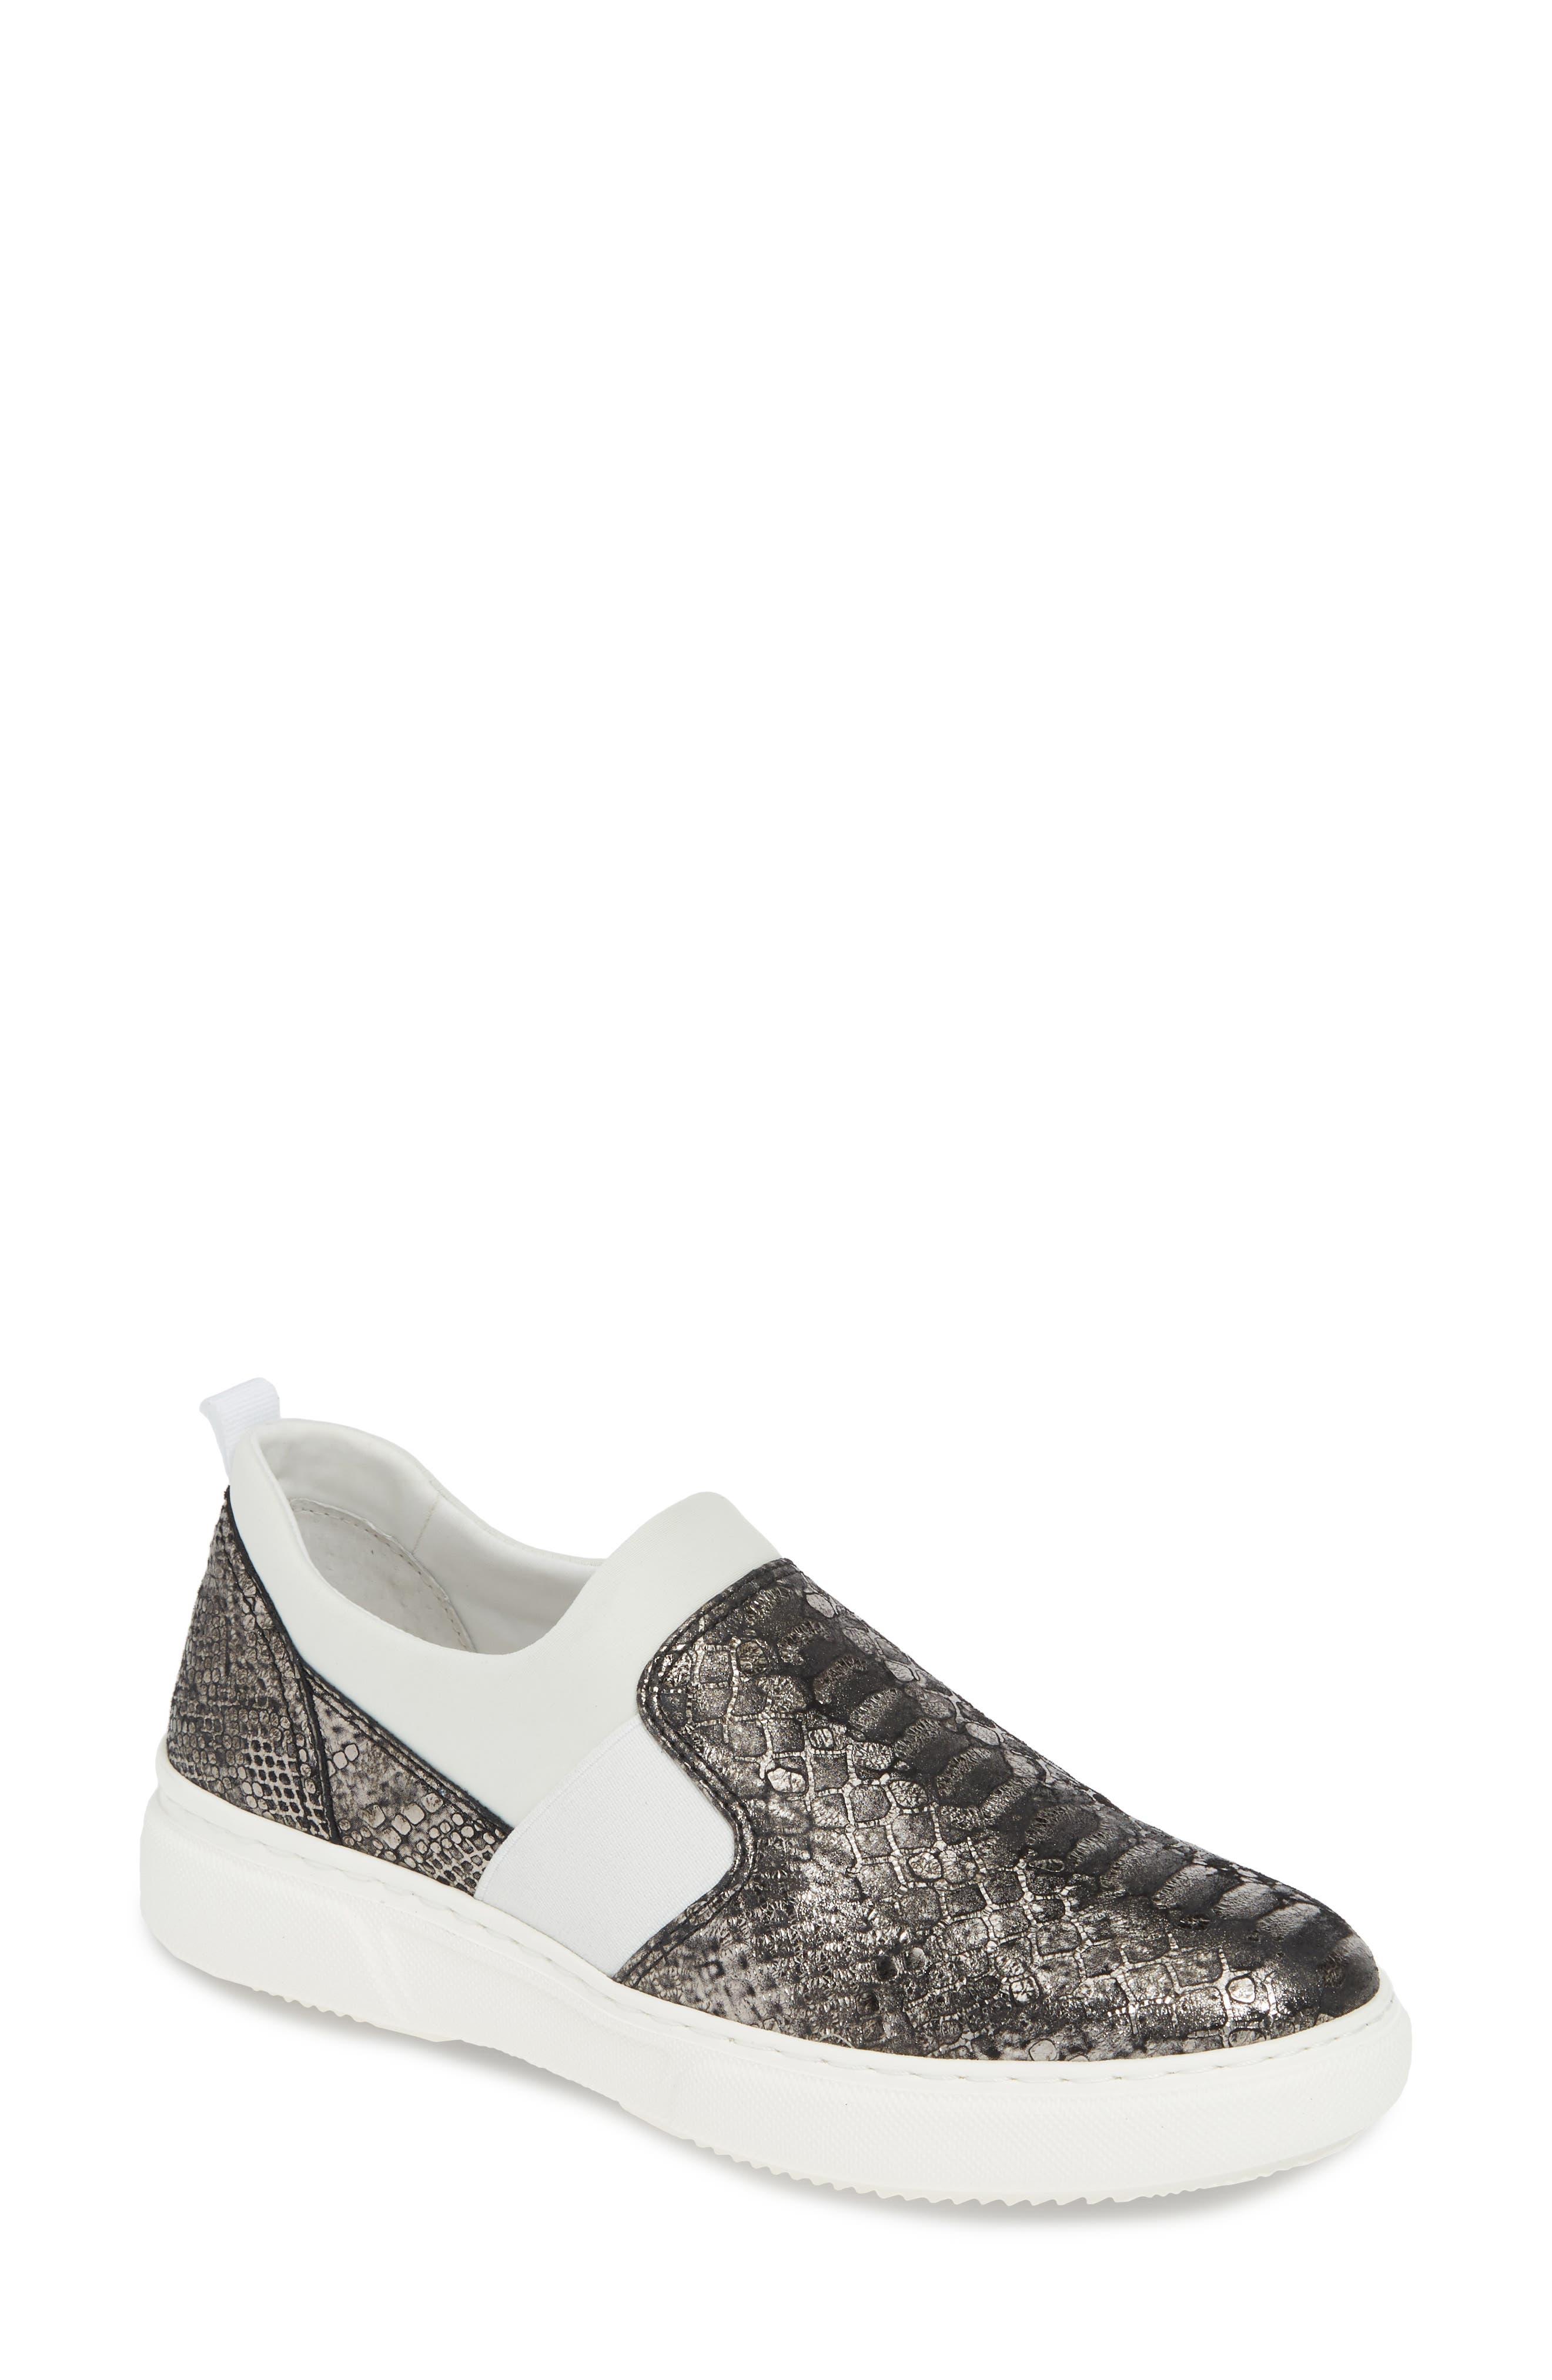 Johnston & Murphy Noelle Slip-On Sneaker, Black